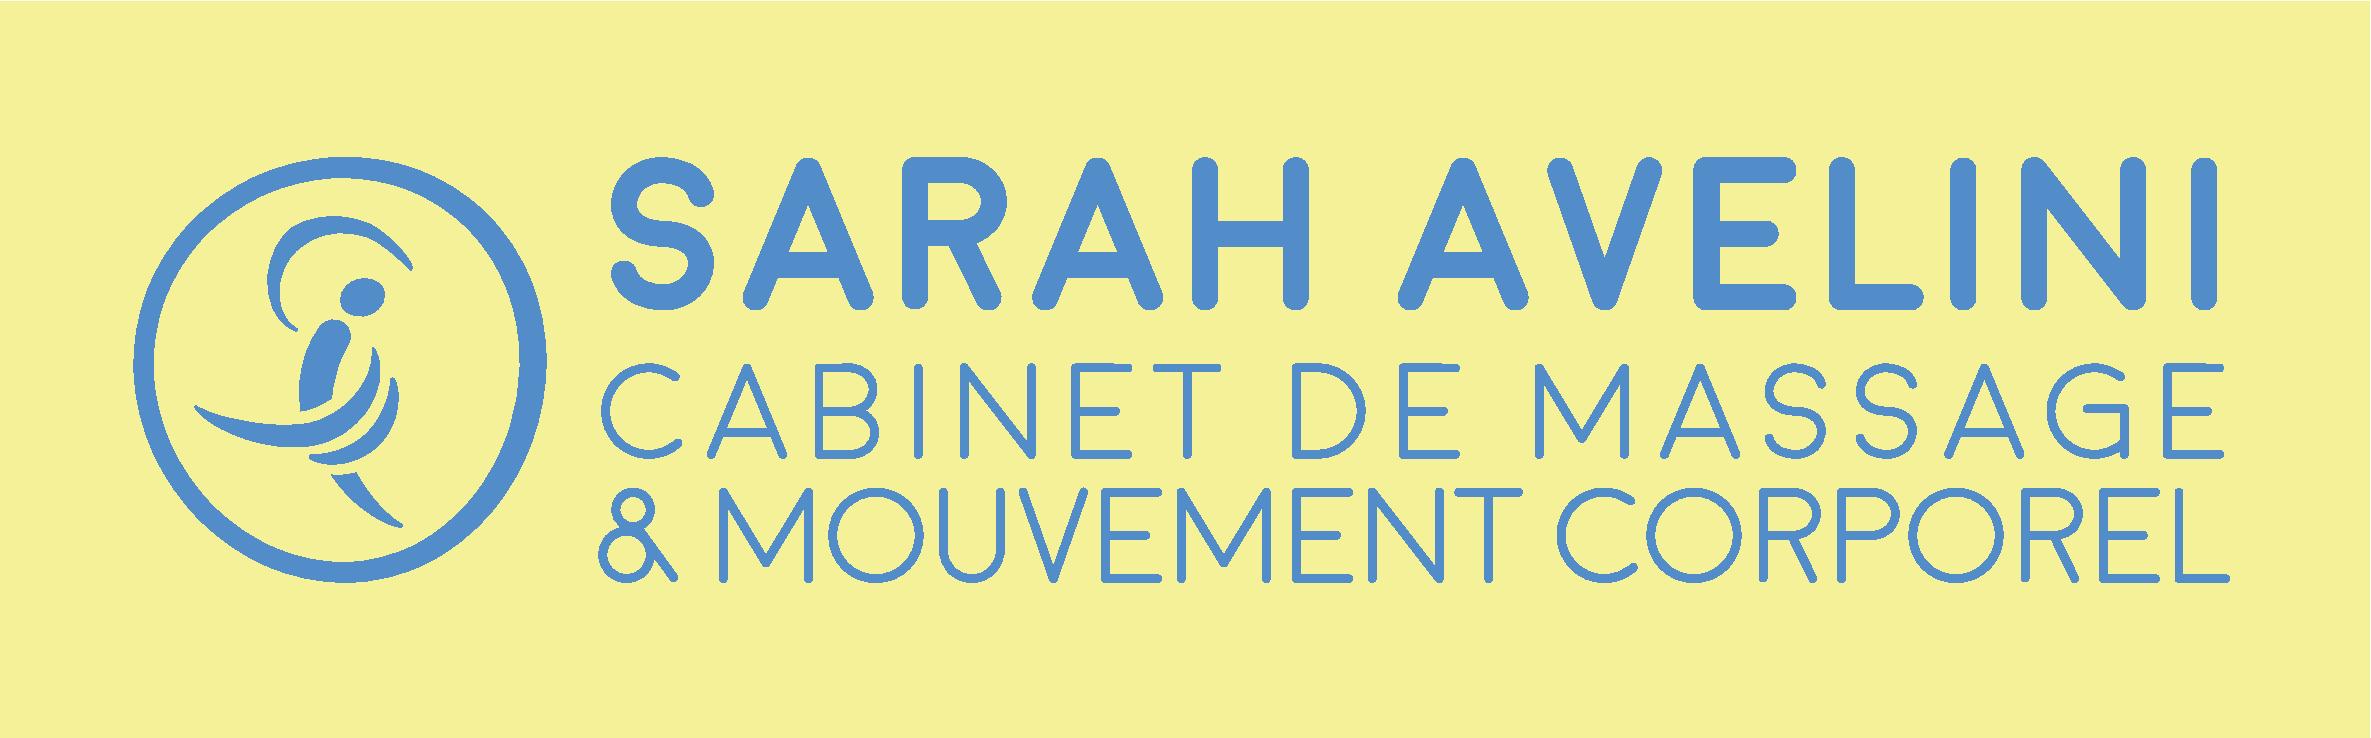 Sarah Avelini